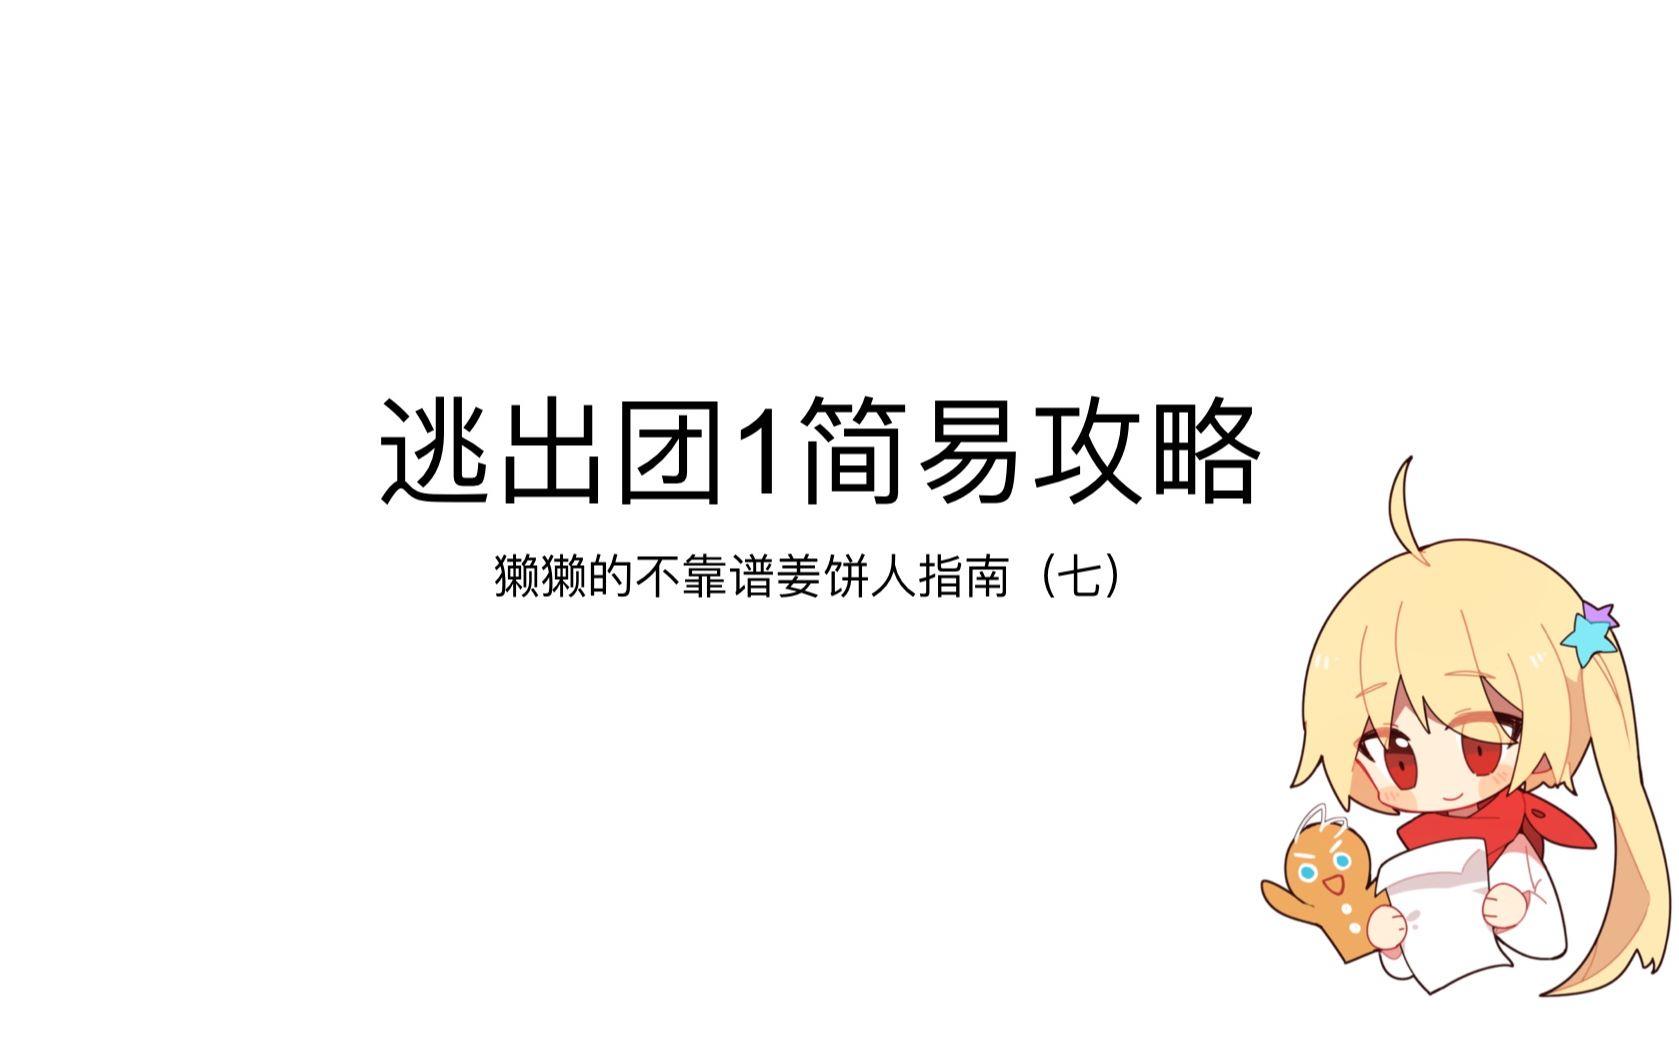 【不靠谱姜饼人指南】第七期:逃出团1简单粗暴攻略